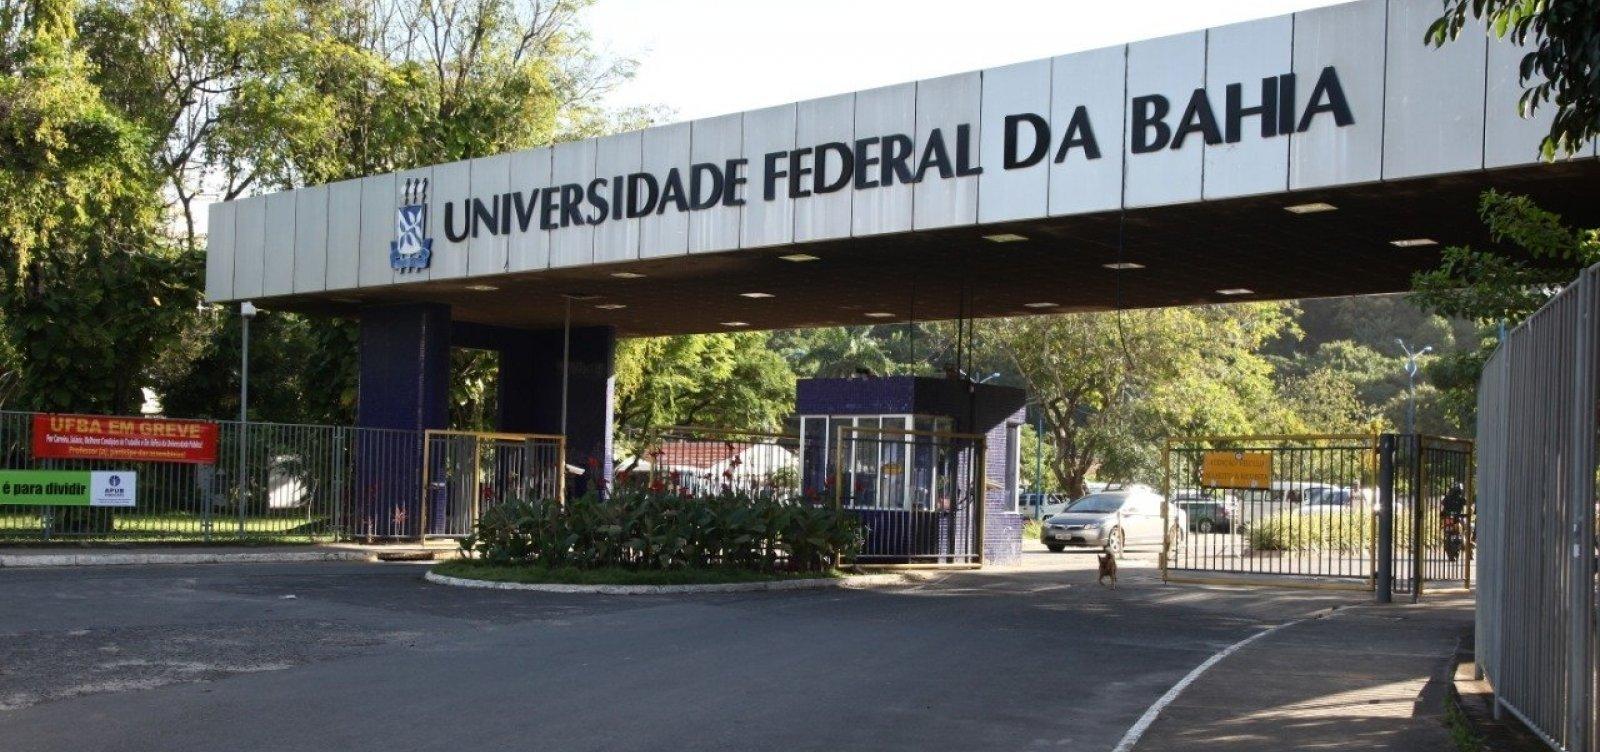 [Ufba abre inscrições para concurso com salários de até R$ 9 mil]